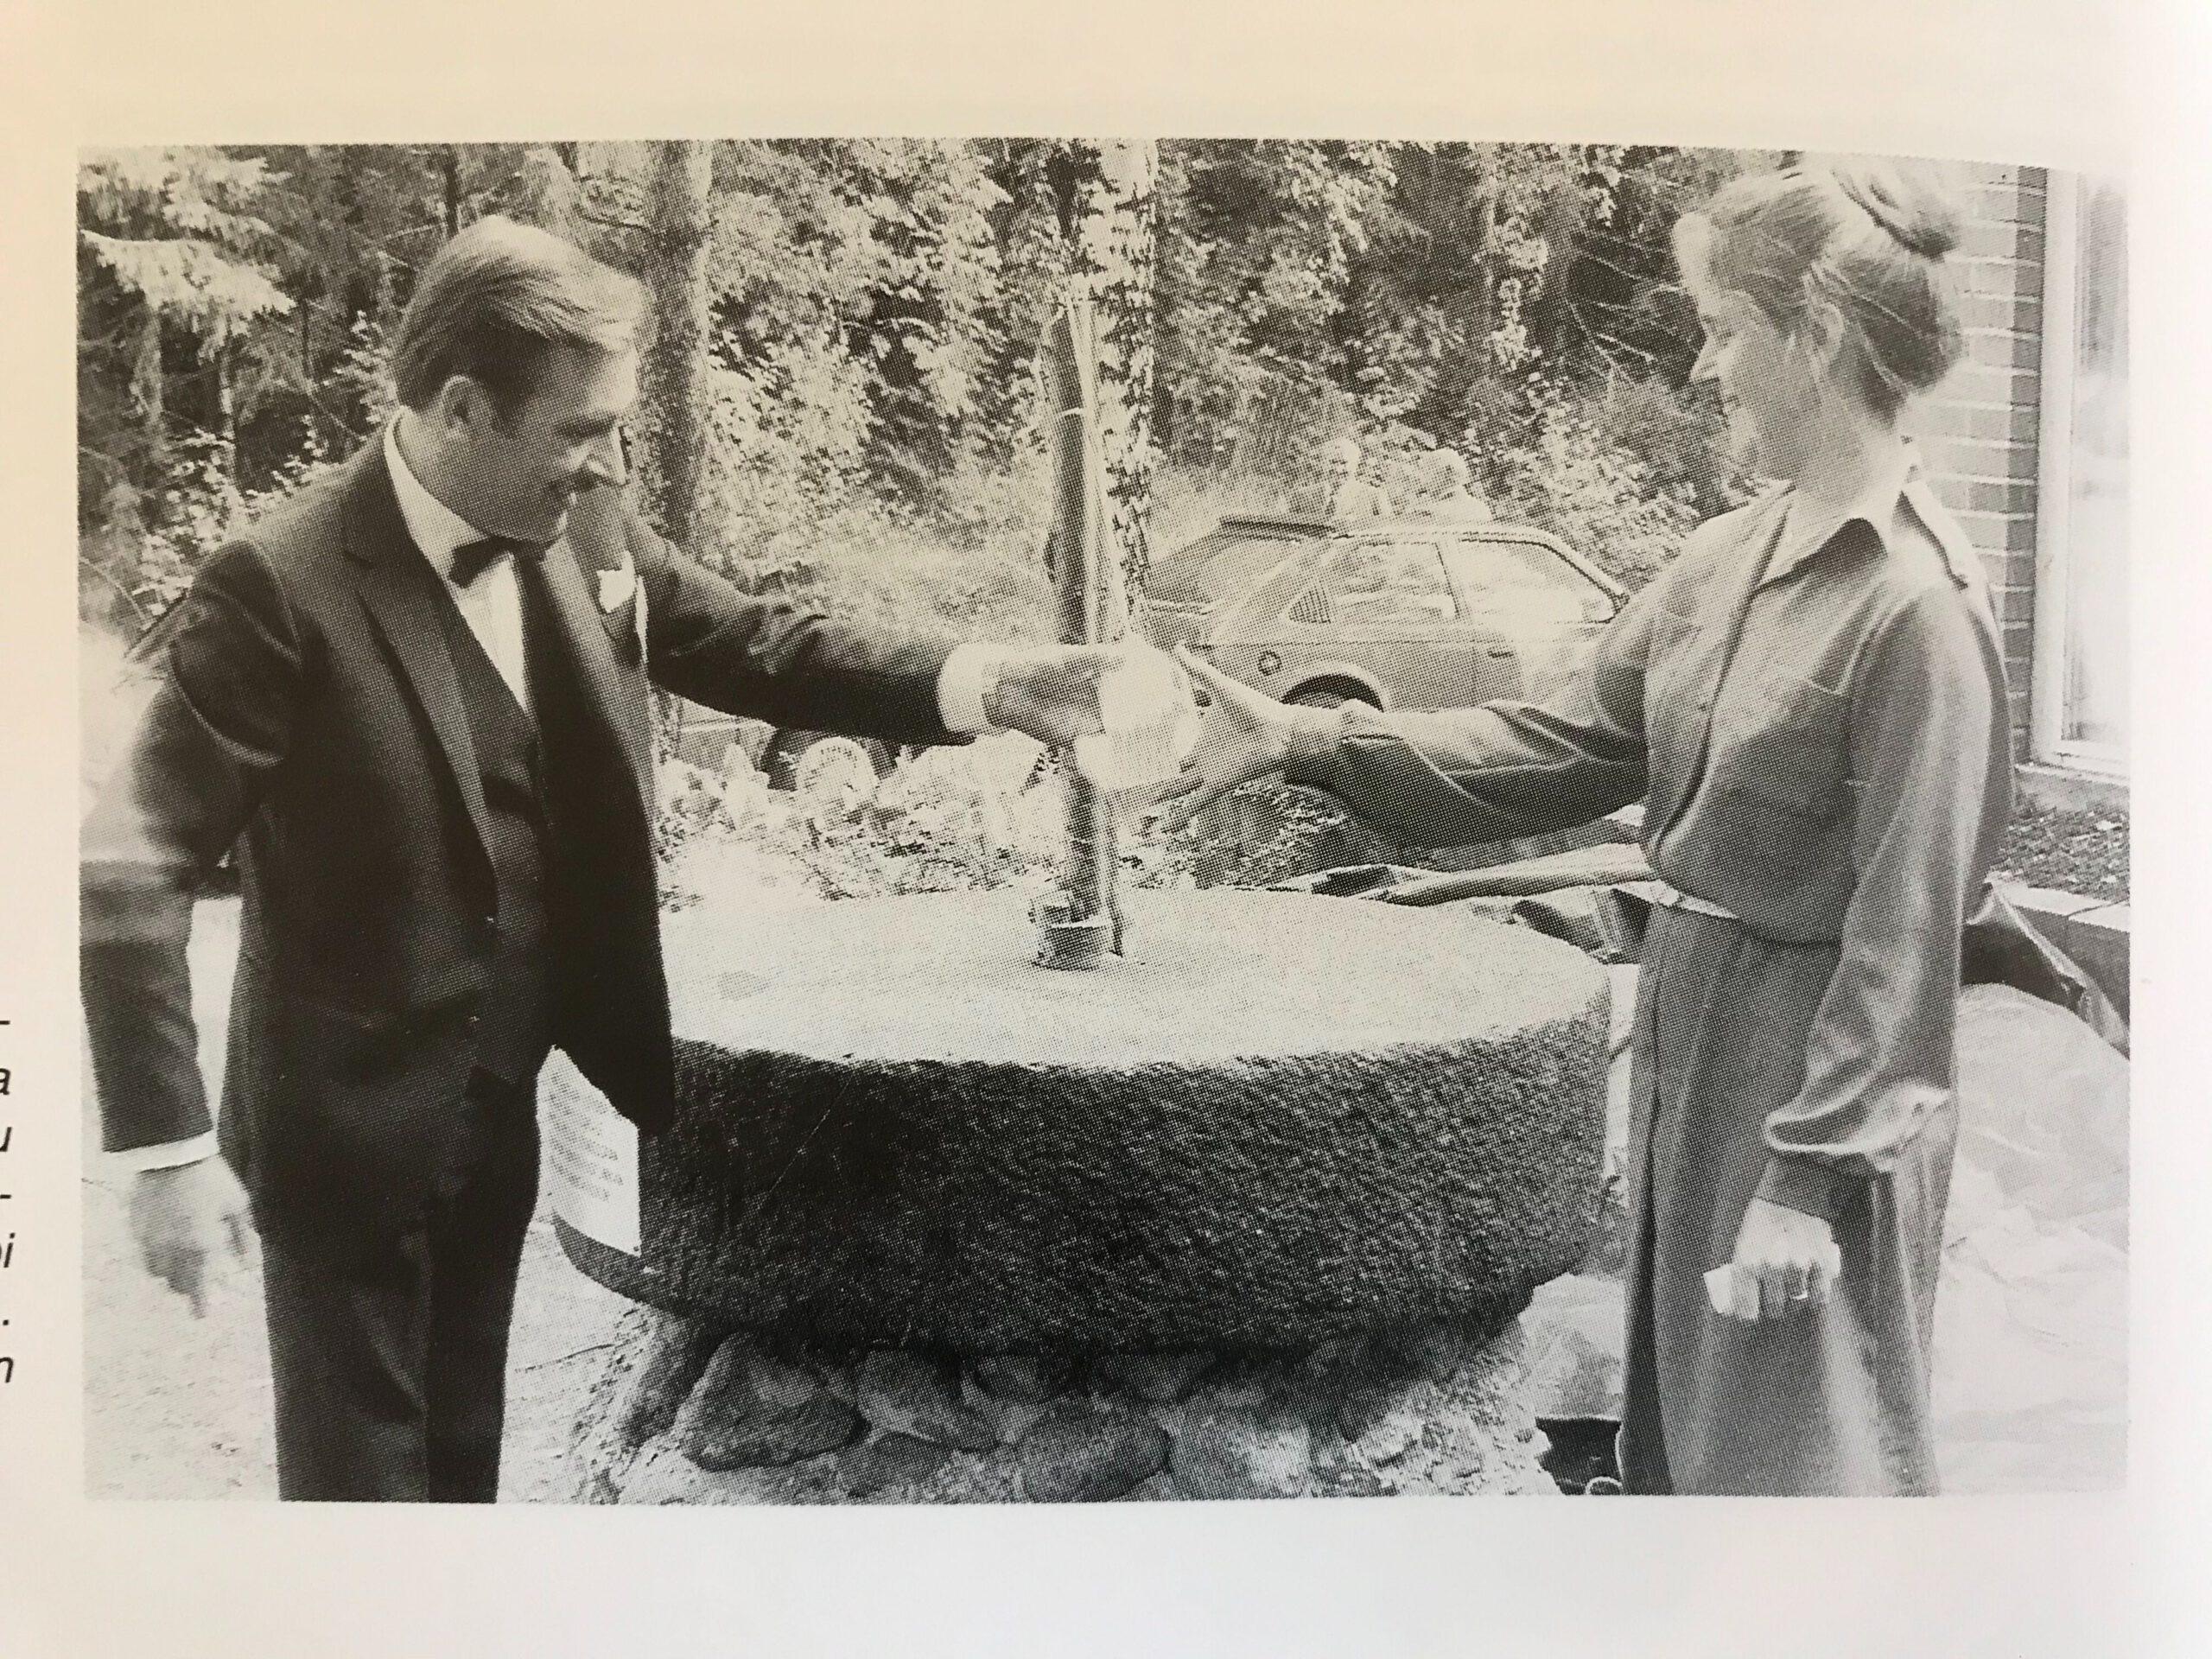 Kuvassa ministeri Vappu Taipale rikkomassa pulloa myllynkiveen